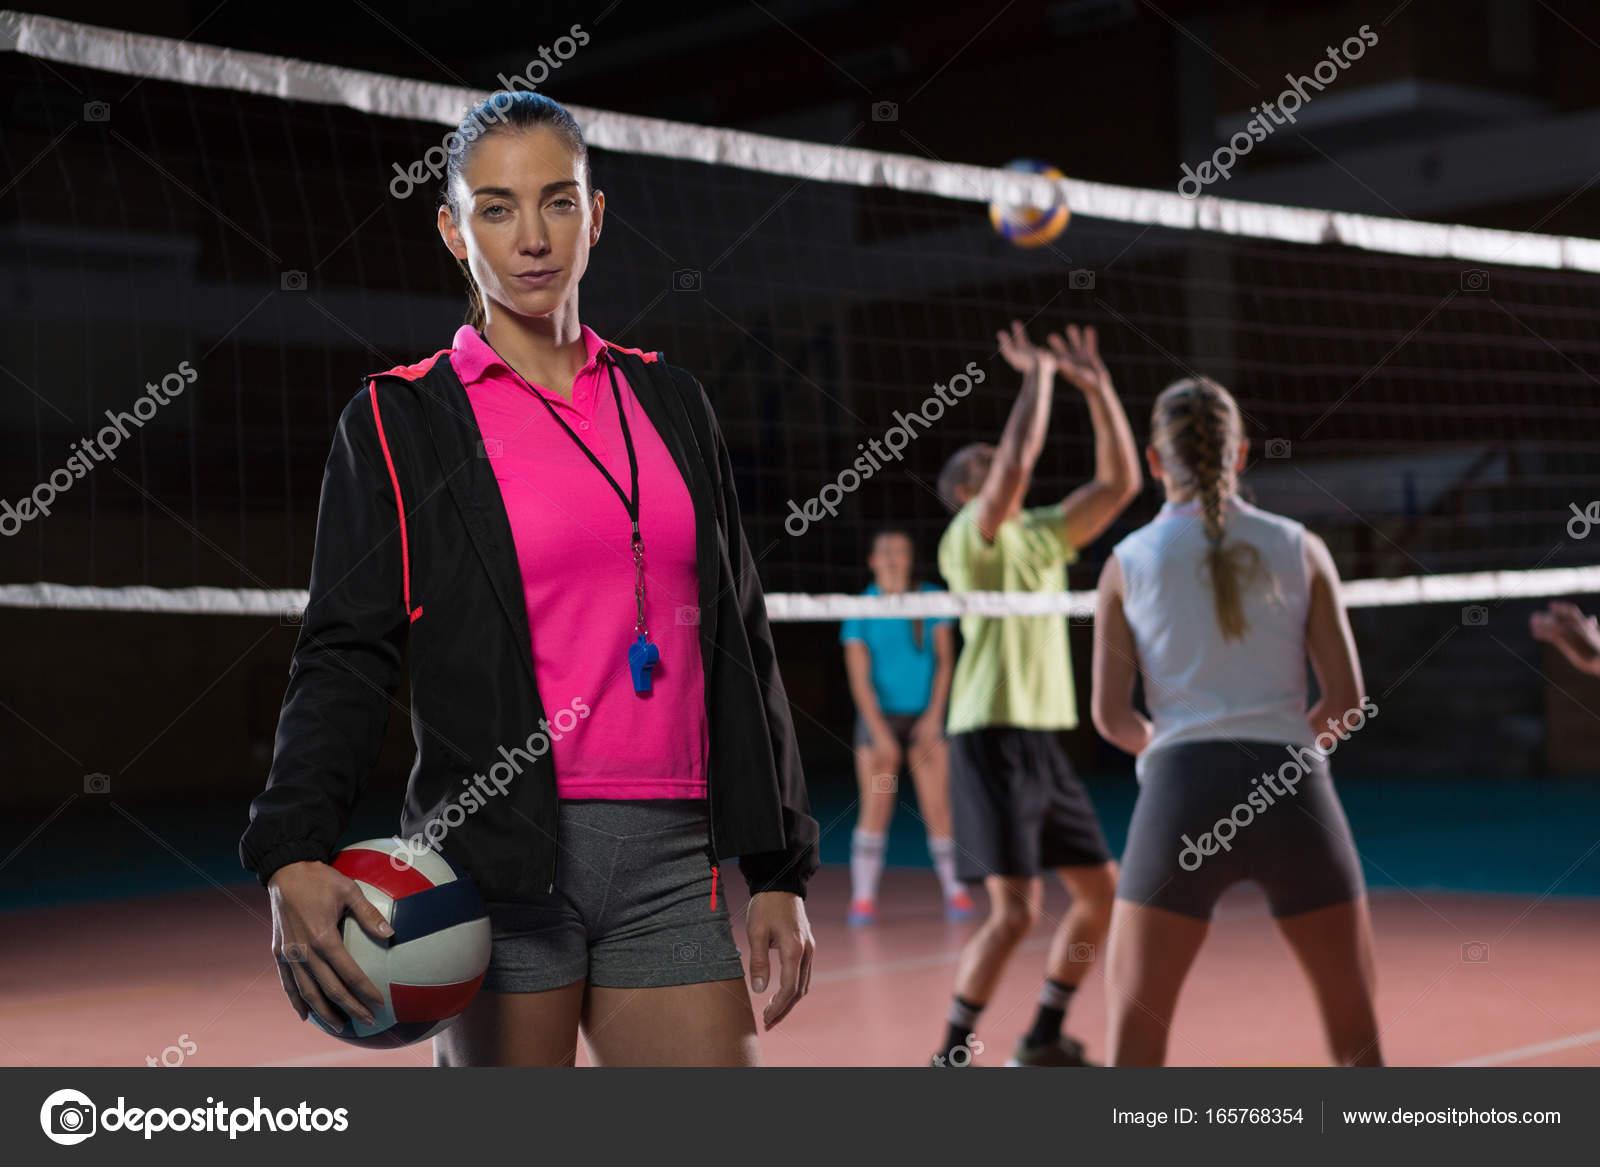 Imágenes Voleibol Femenil Con Frases Retrato De Entrenador De